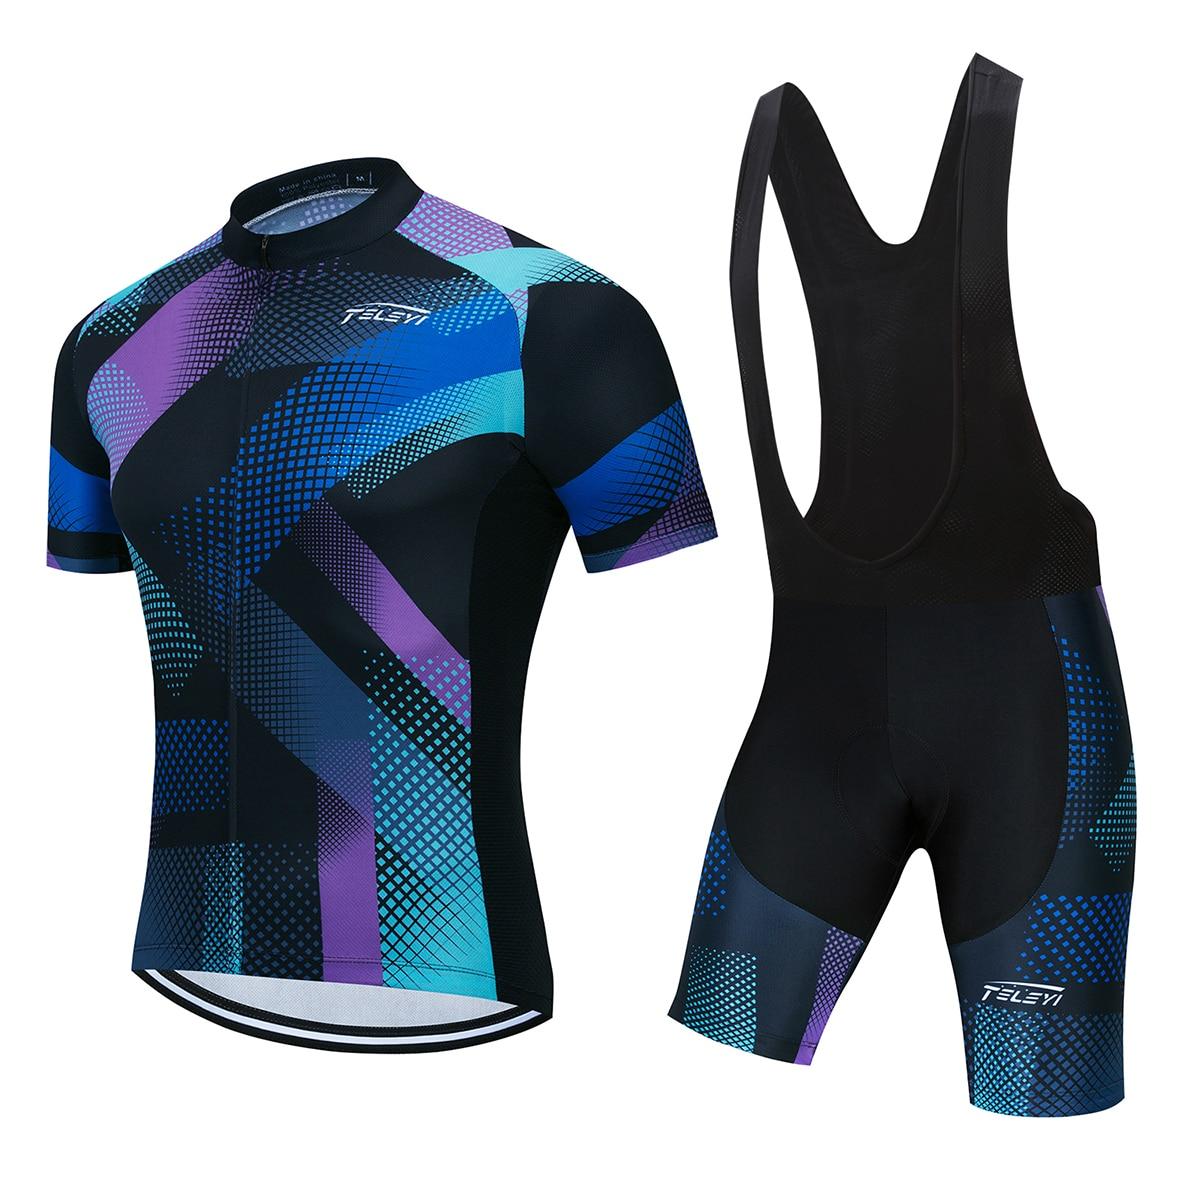 工場カスタマイズされたサイクリングジャージ diy 半袖ジャージ 5D ゲルパッドビブショーツ自転車レーシングチームバイカー男性女性サイクリングスーツ